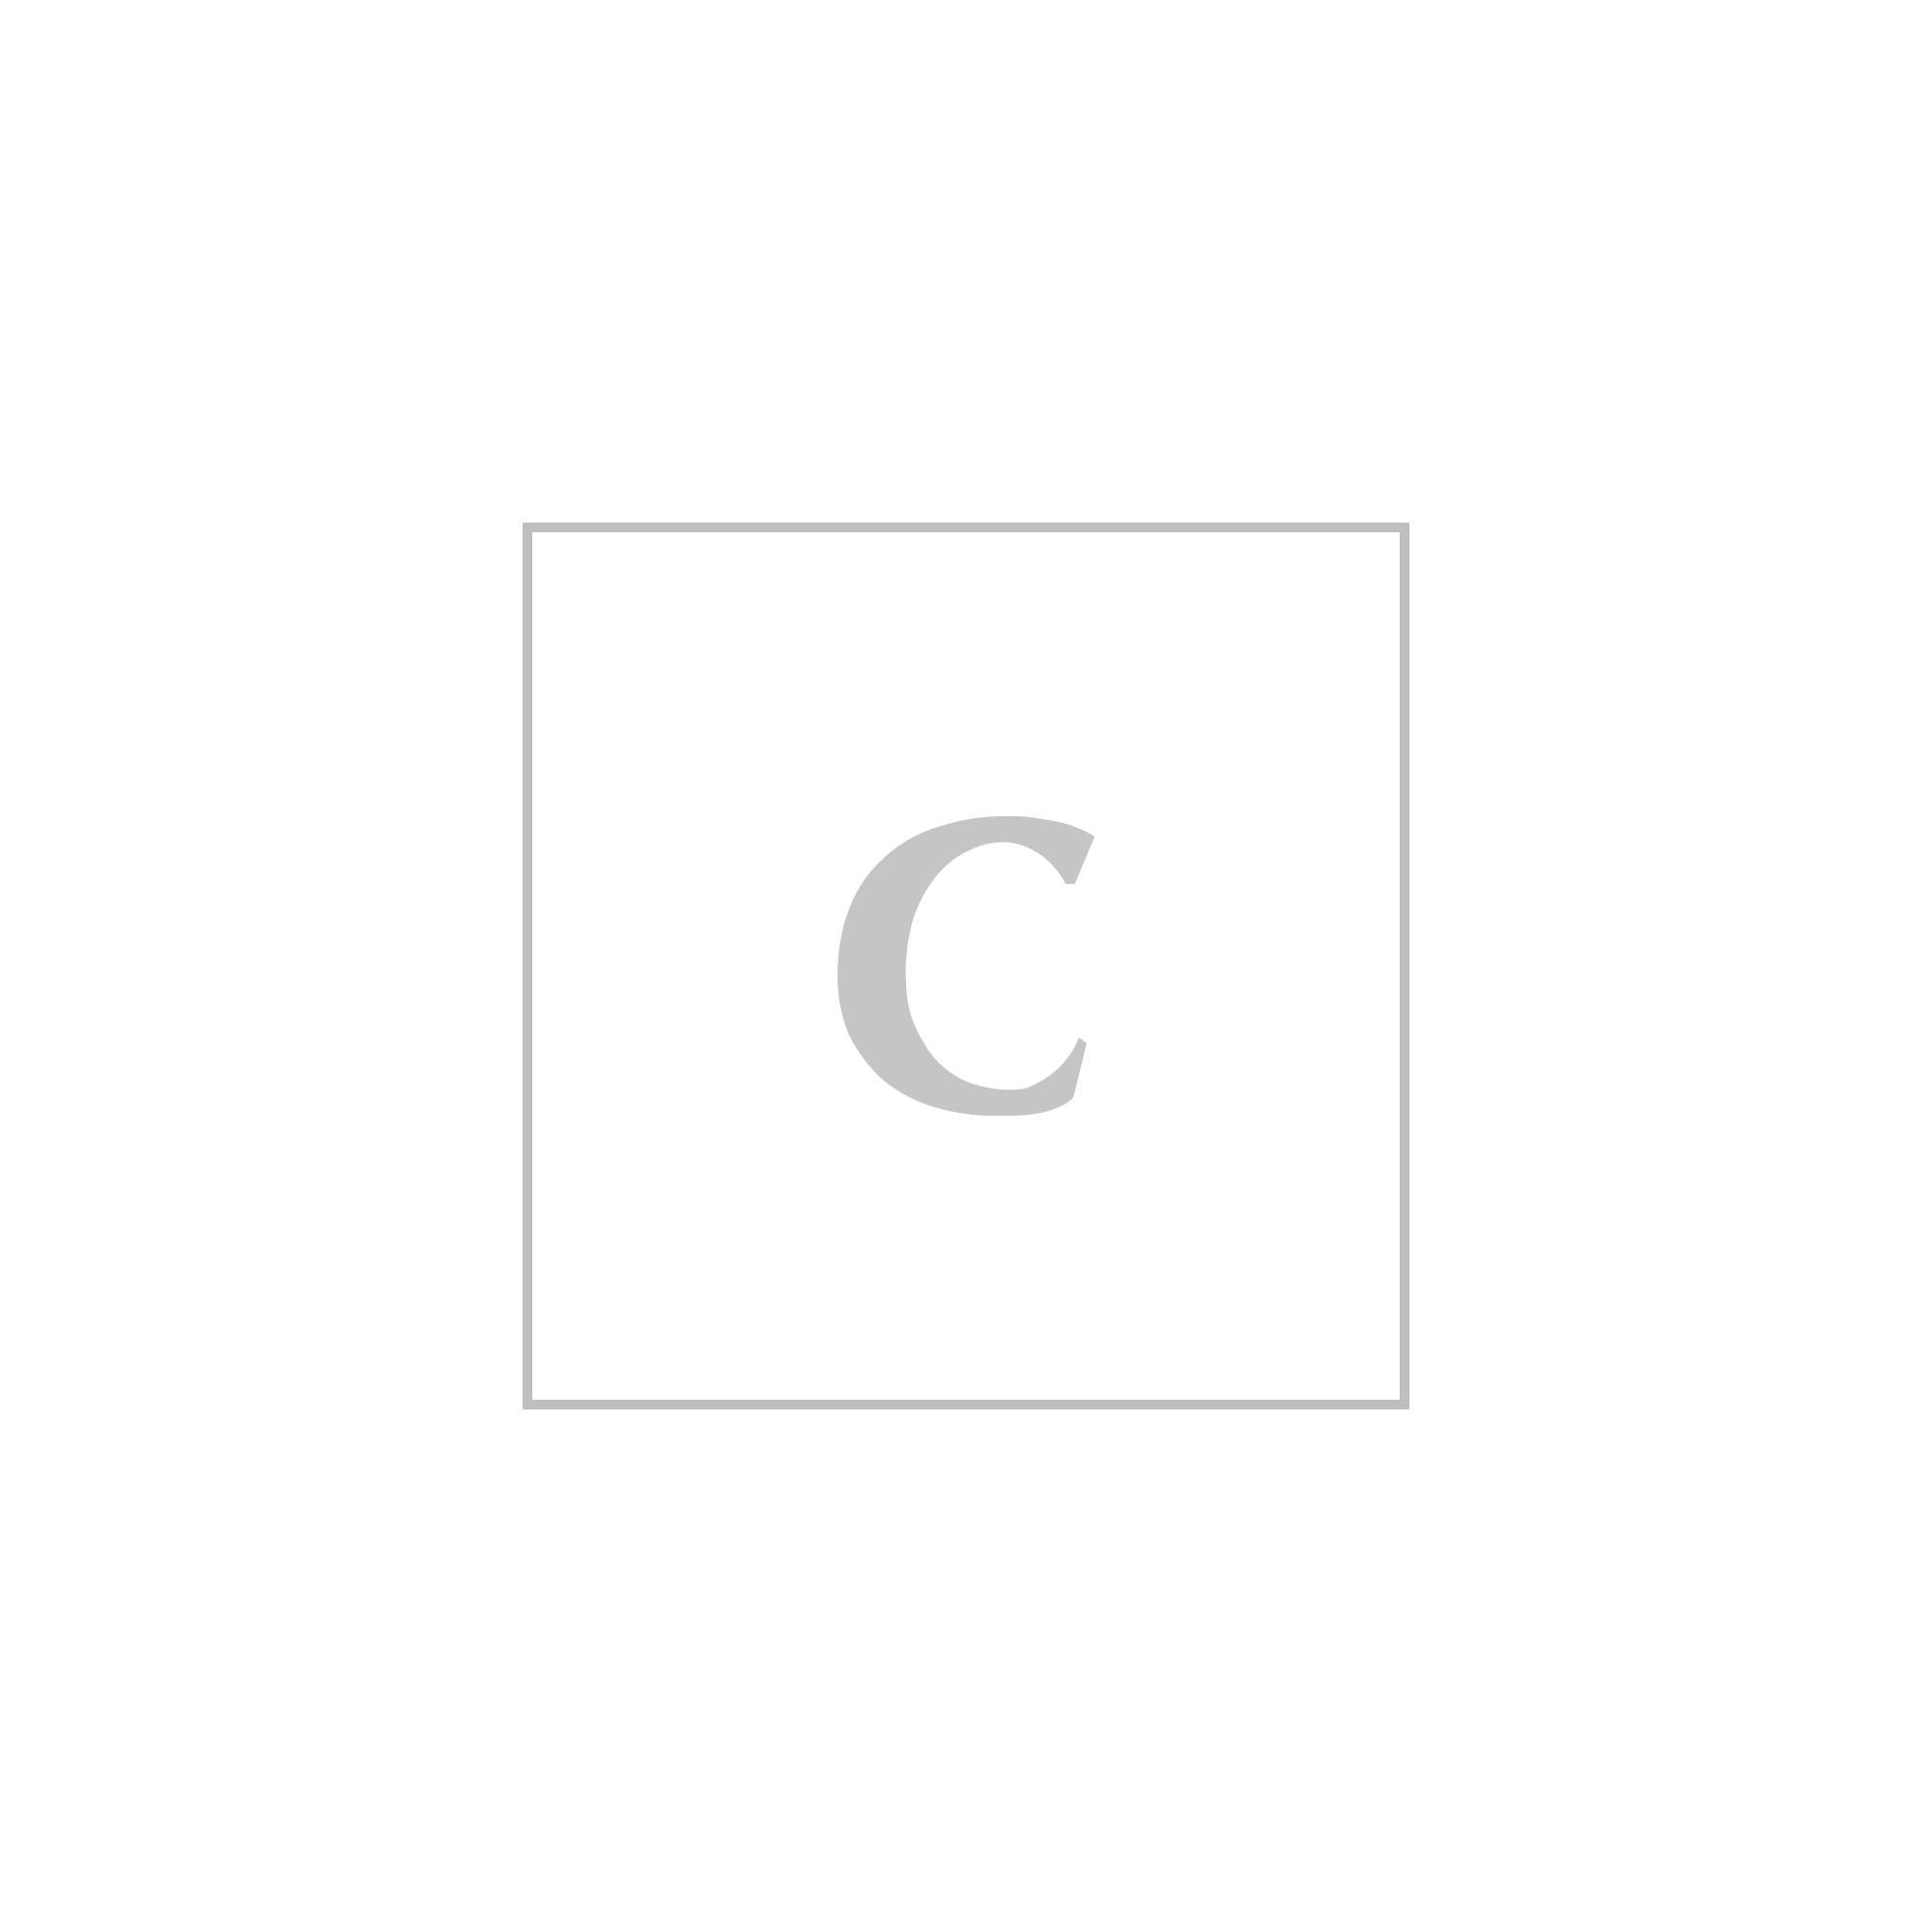 Saint laurent ysl cosmetic case monogram